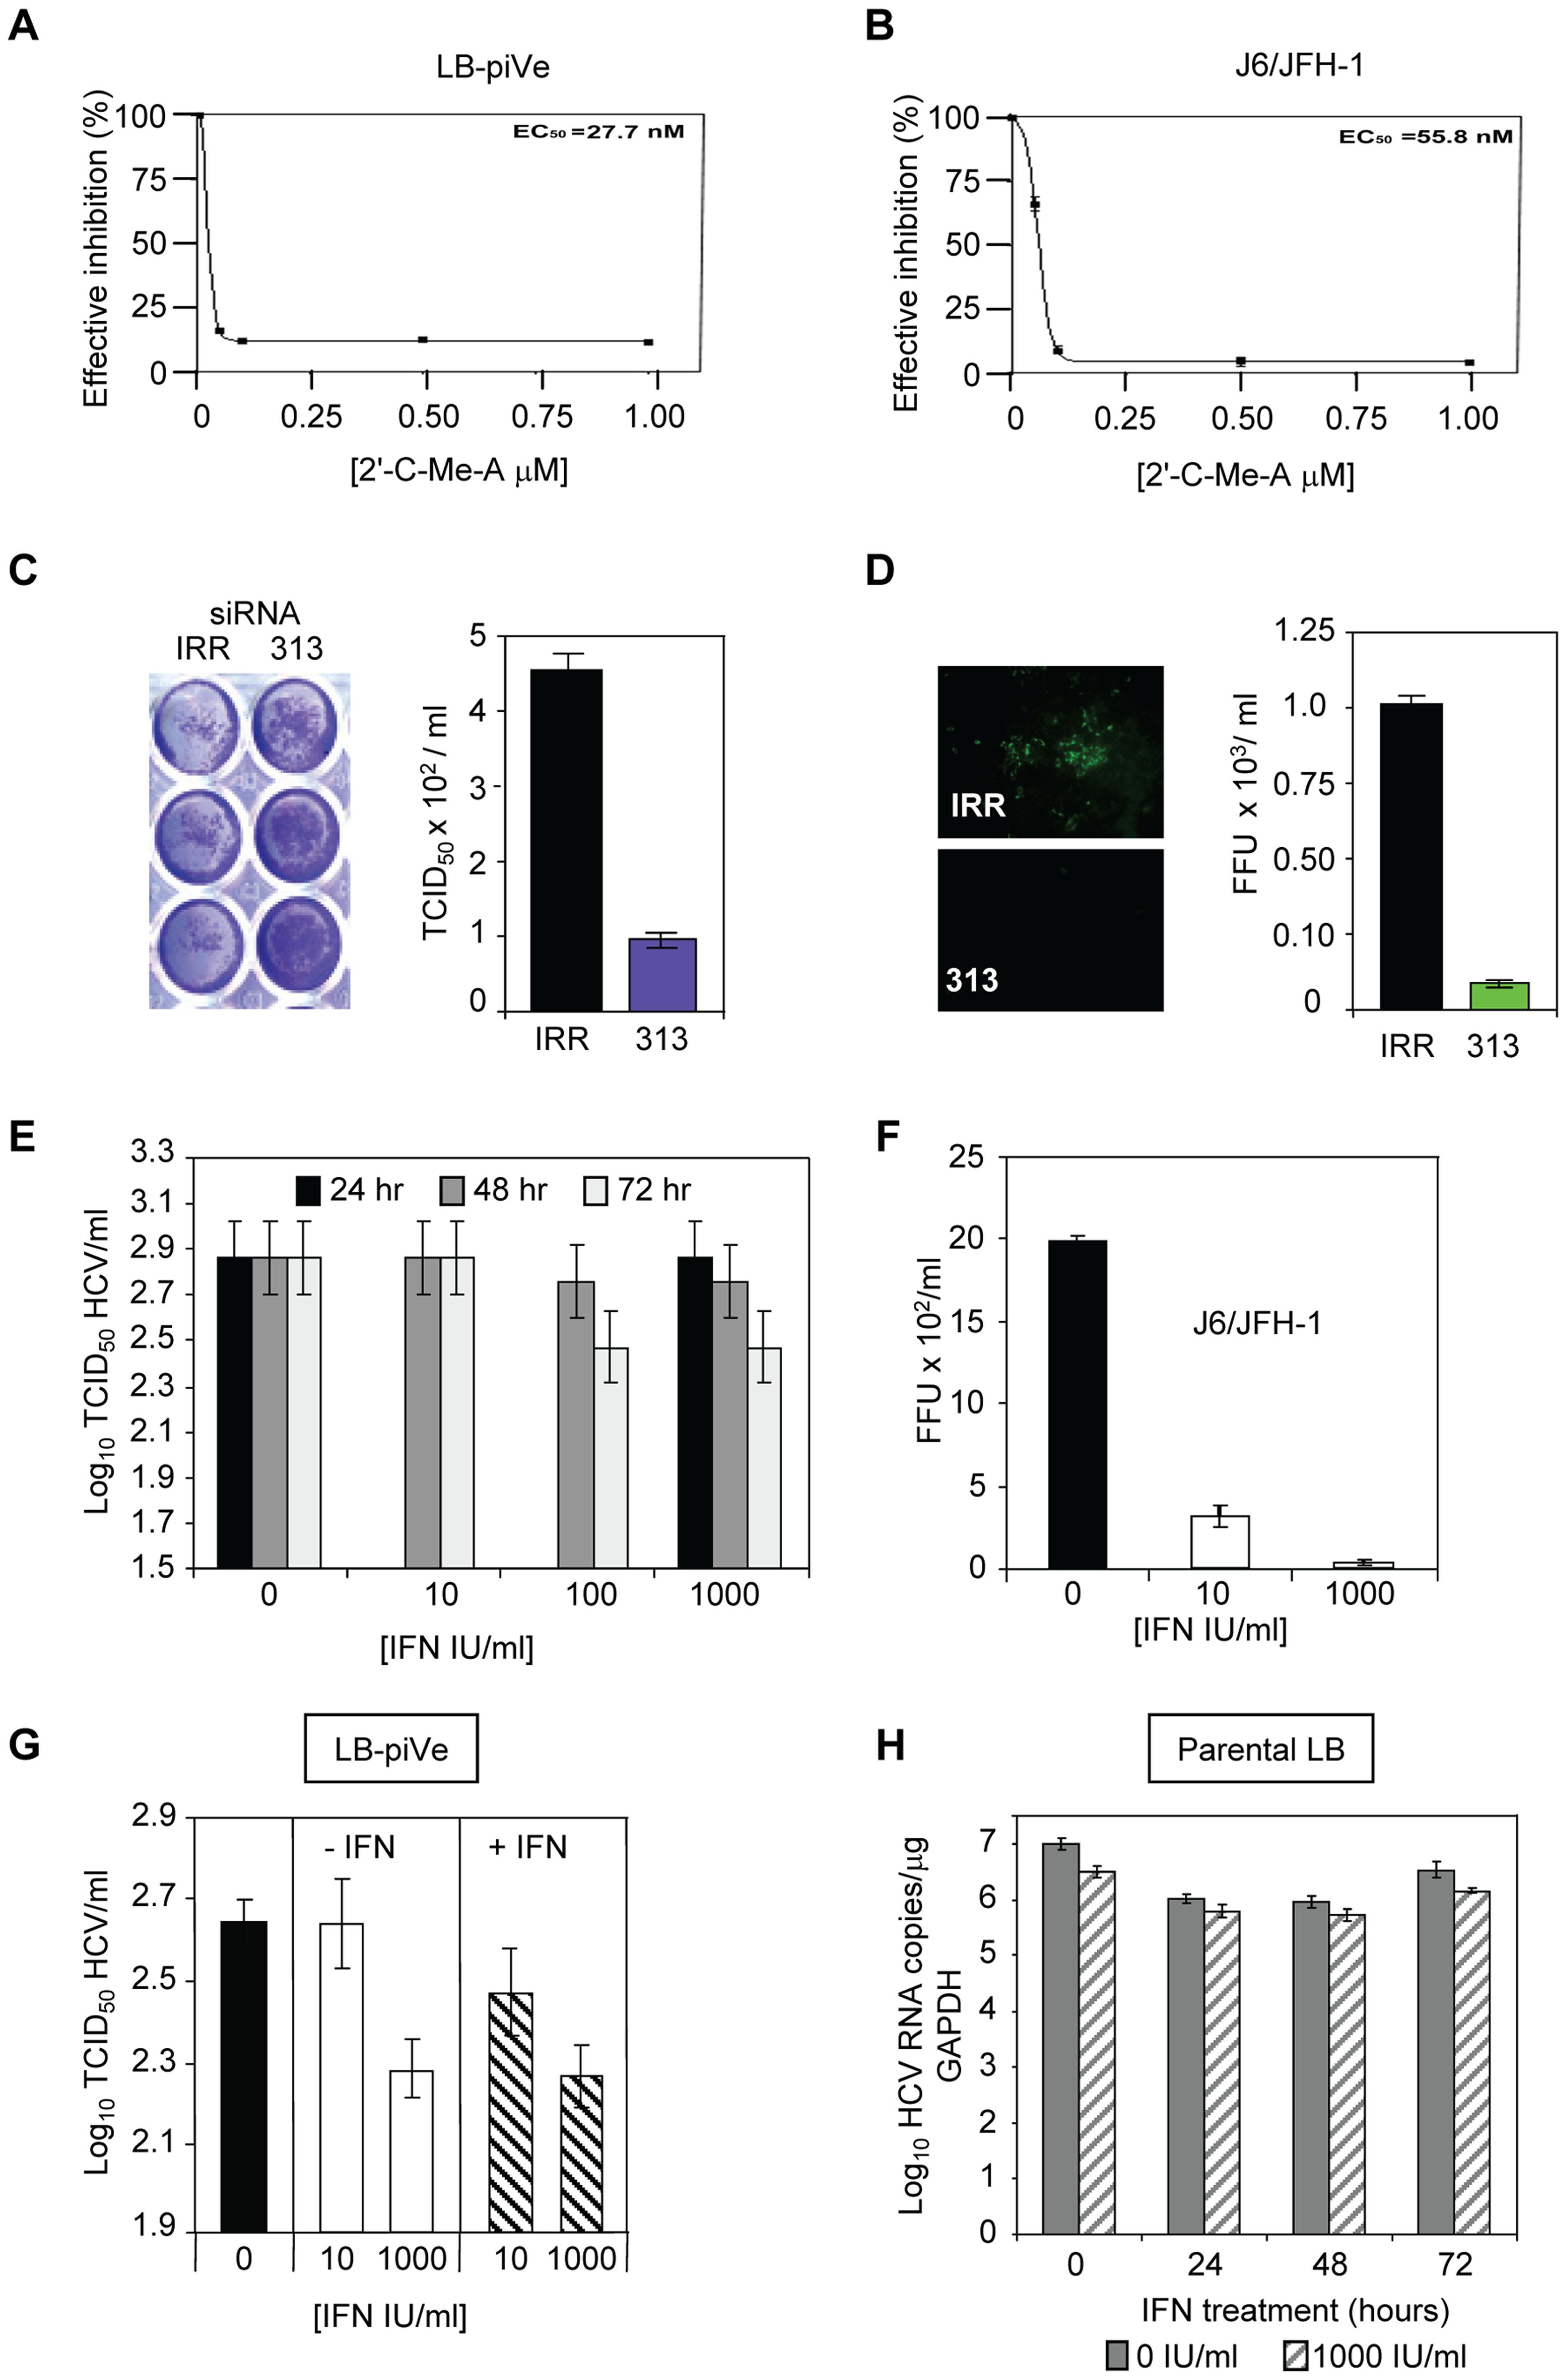 Inhibition of HCV by antivirals.